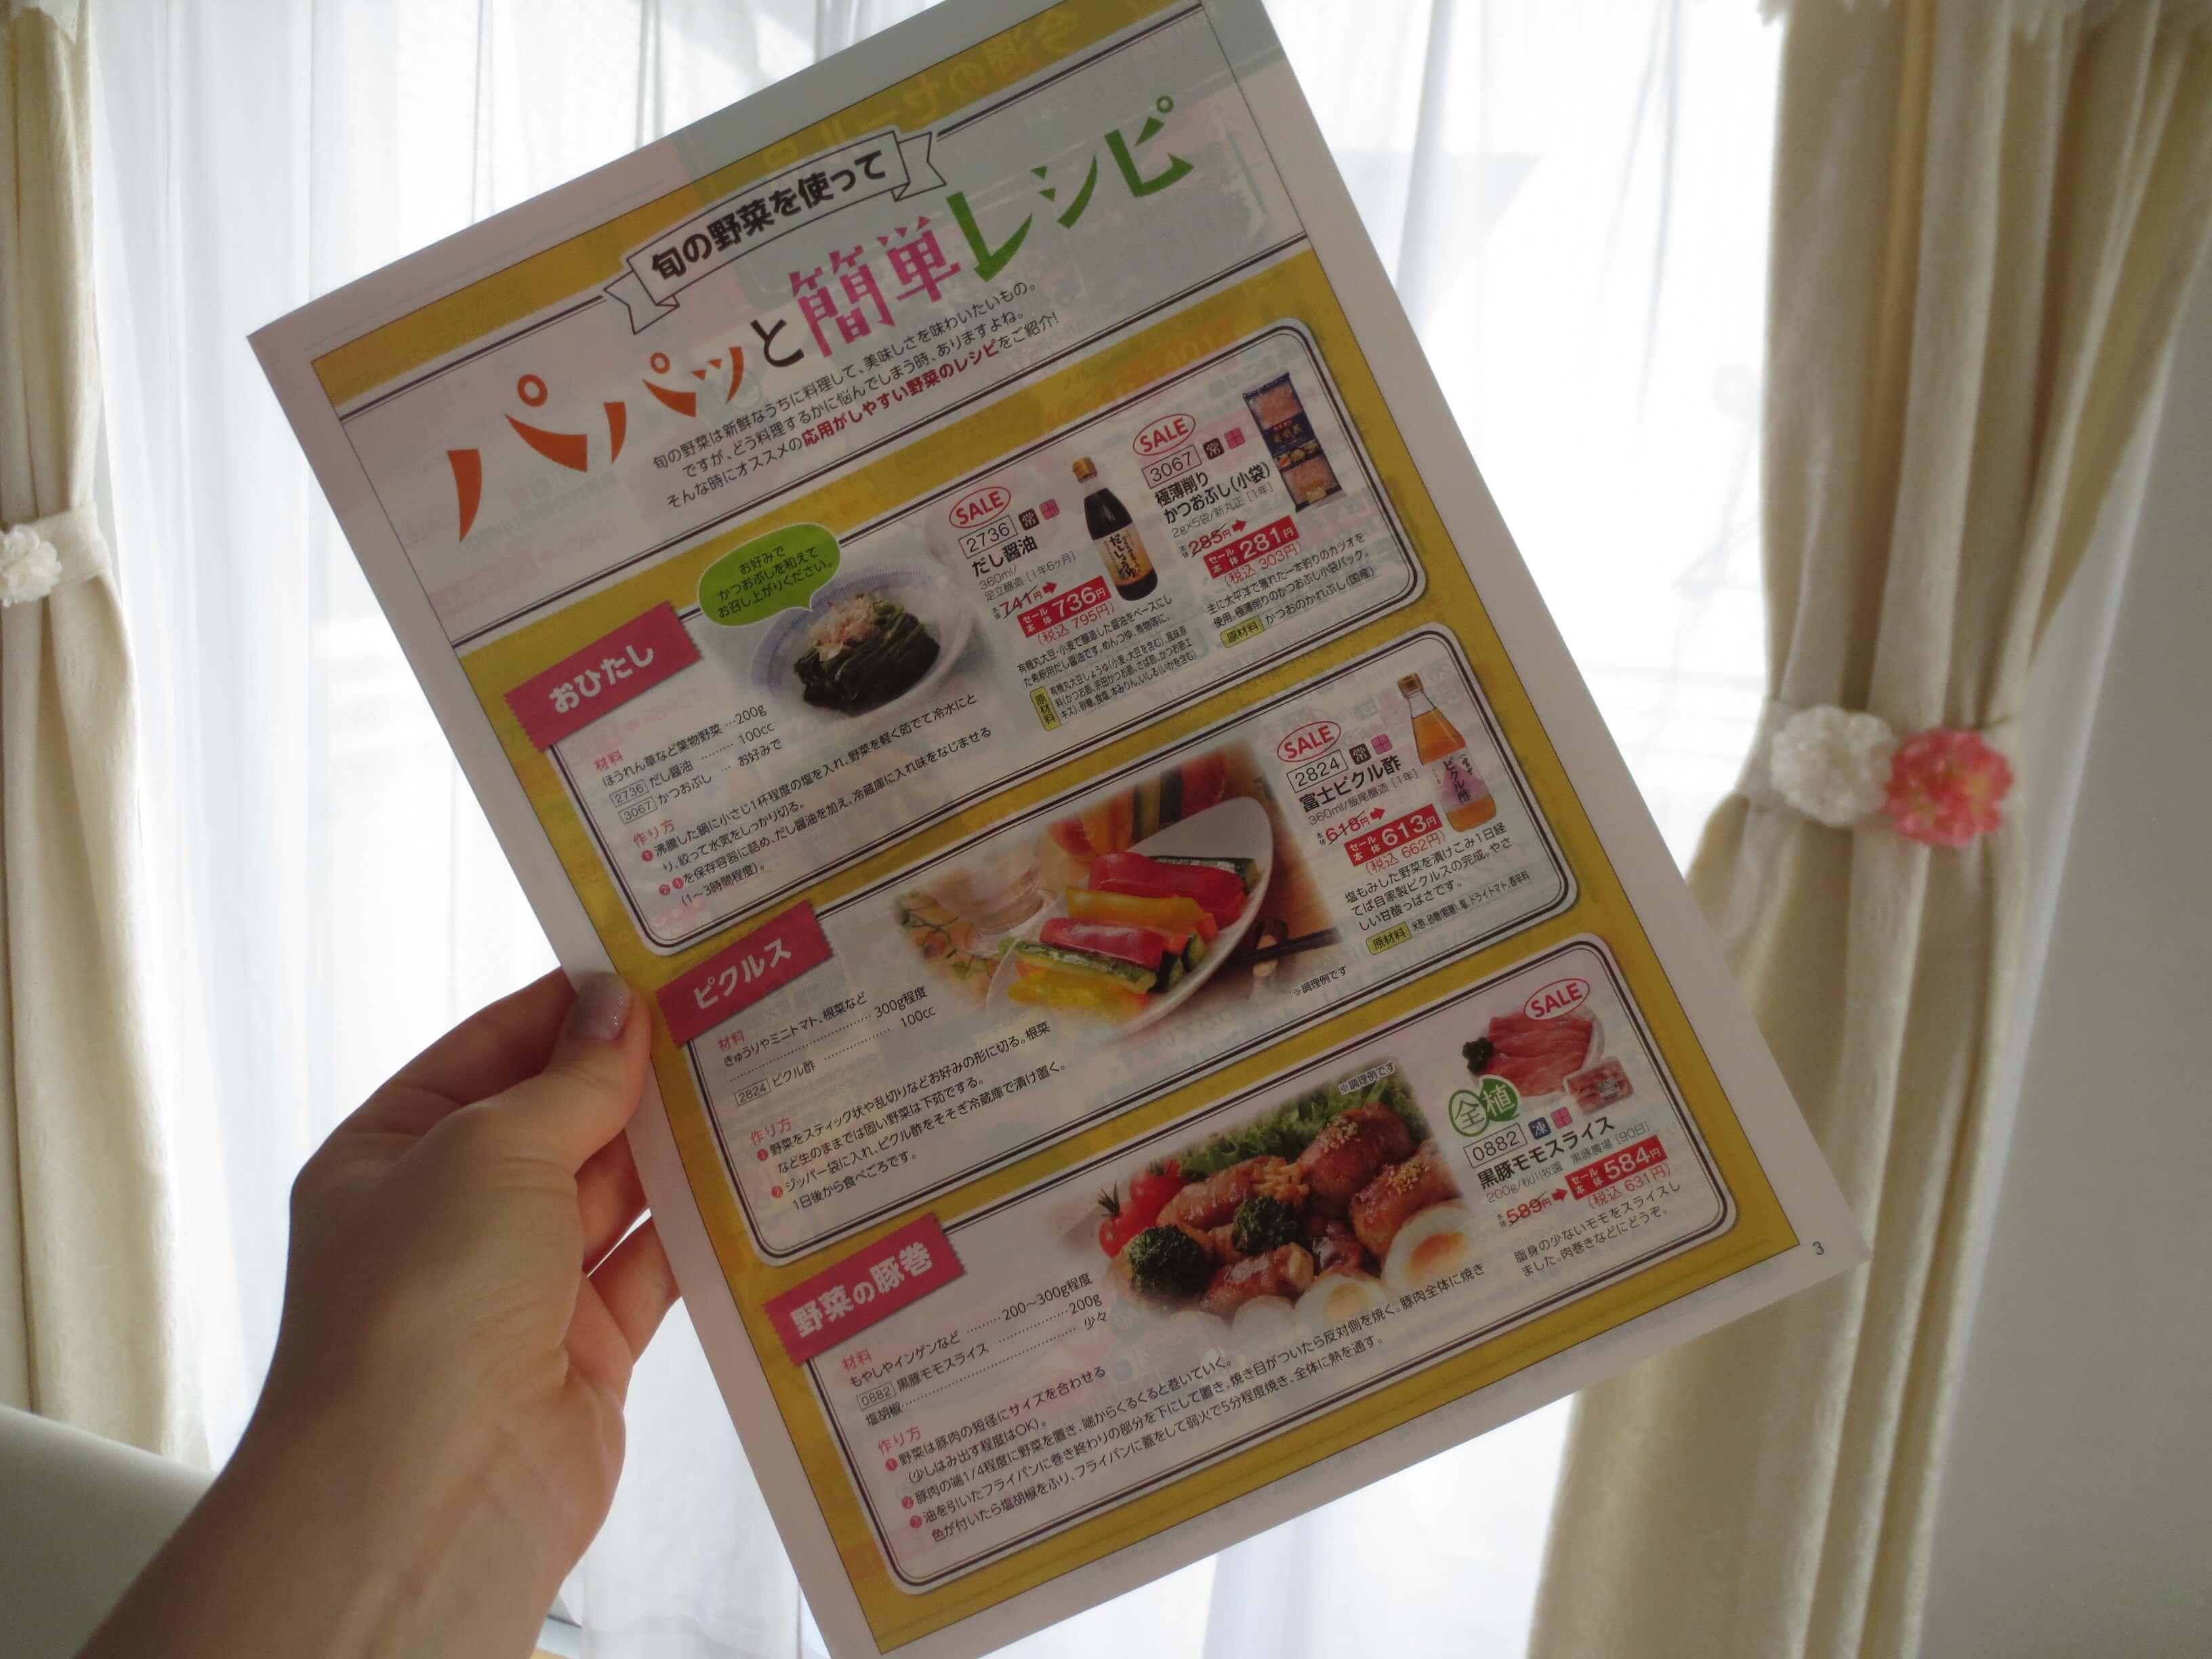 秋川牧園メリットデメリット・評判3